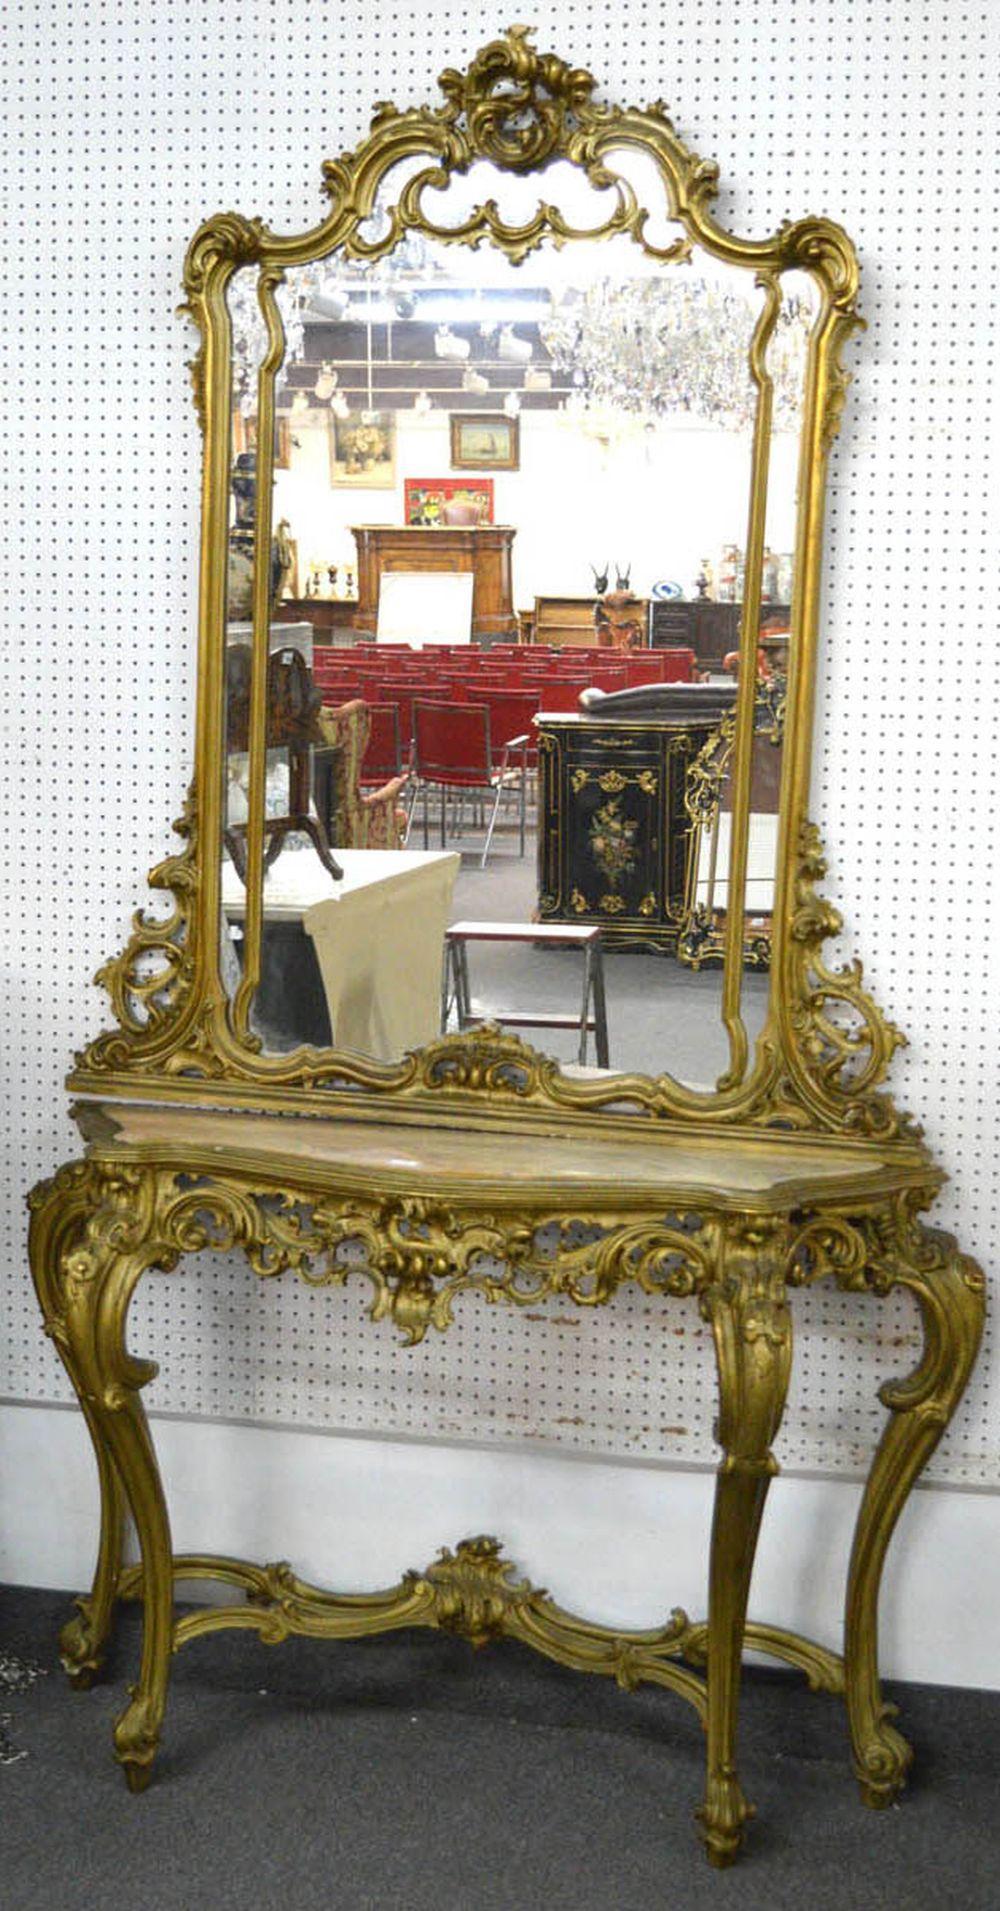 Rococo console and mirror